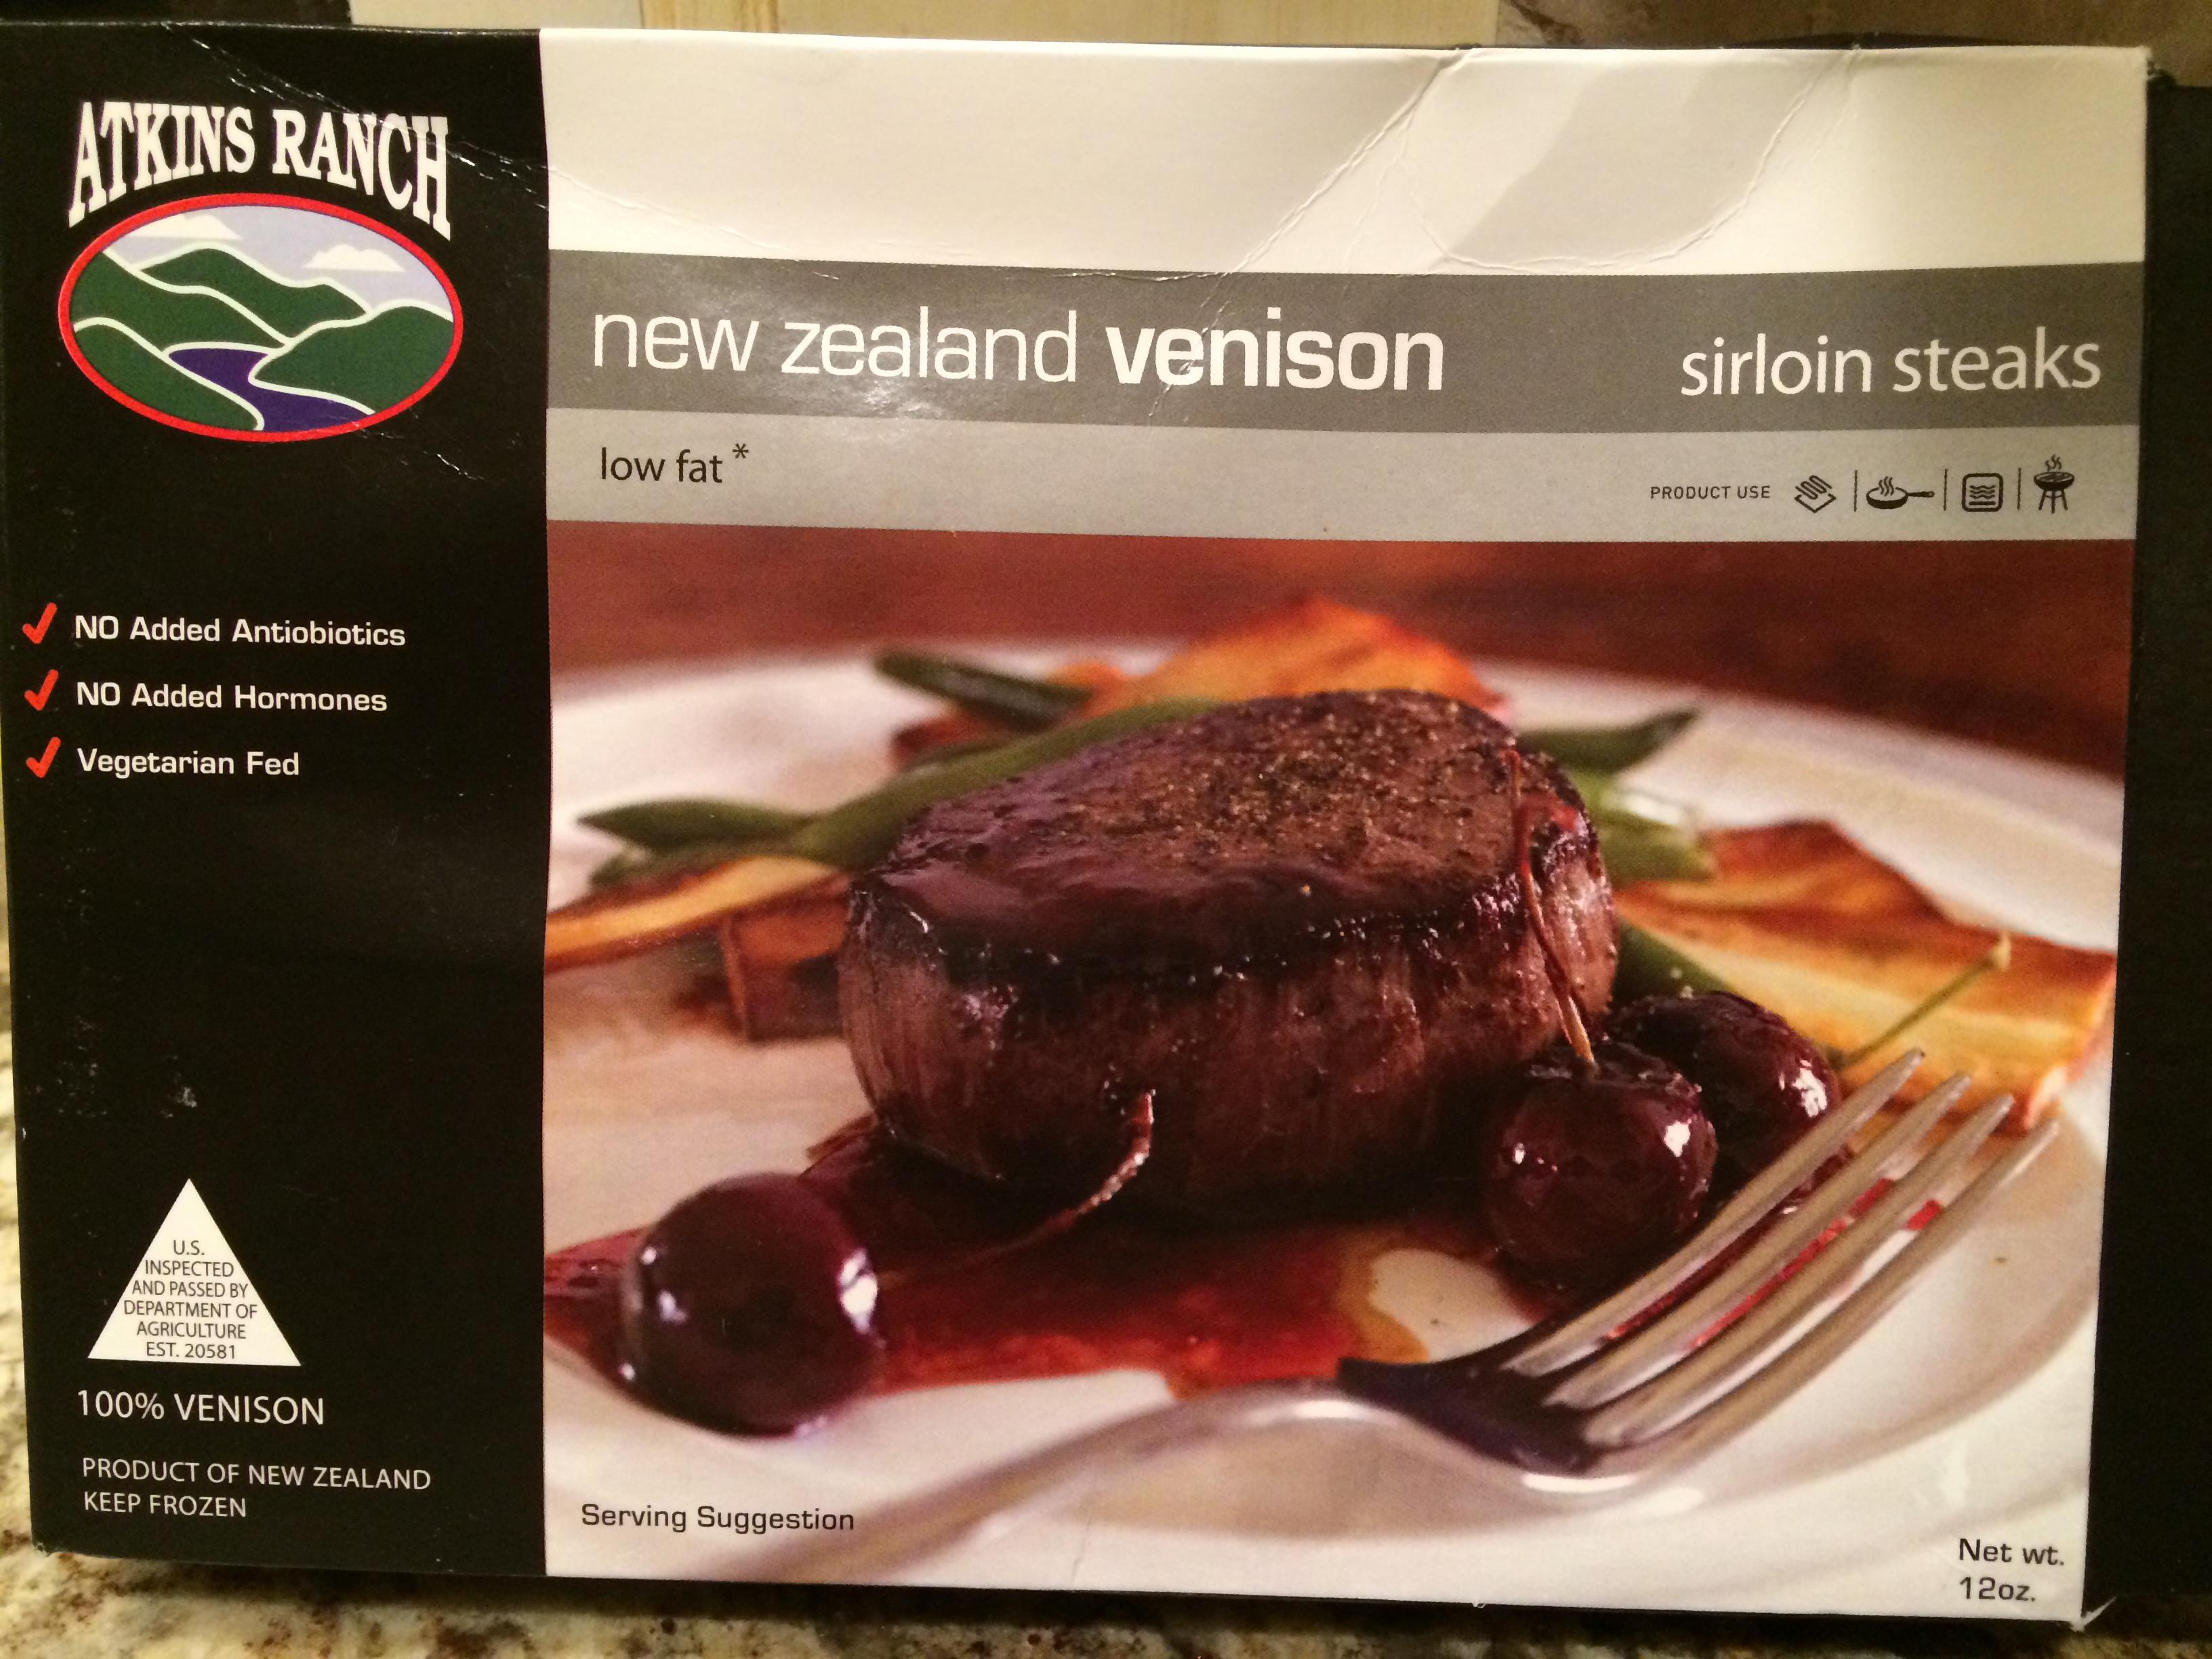 Atkins ranch venison steaks paleo style